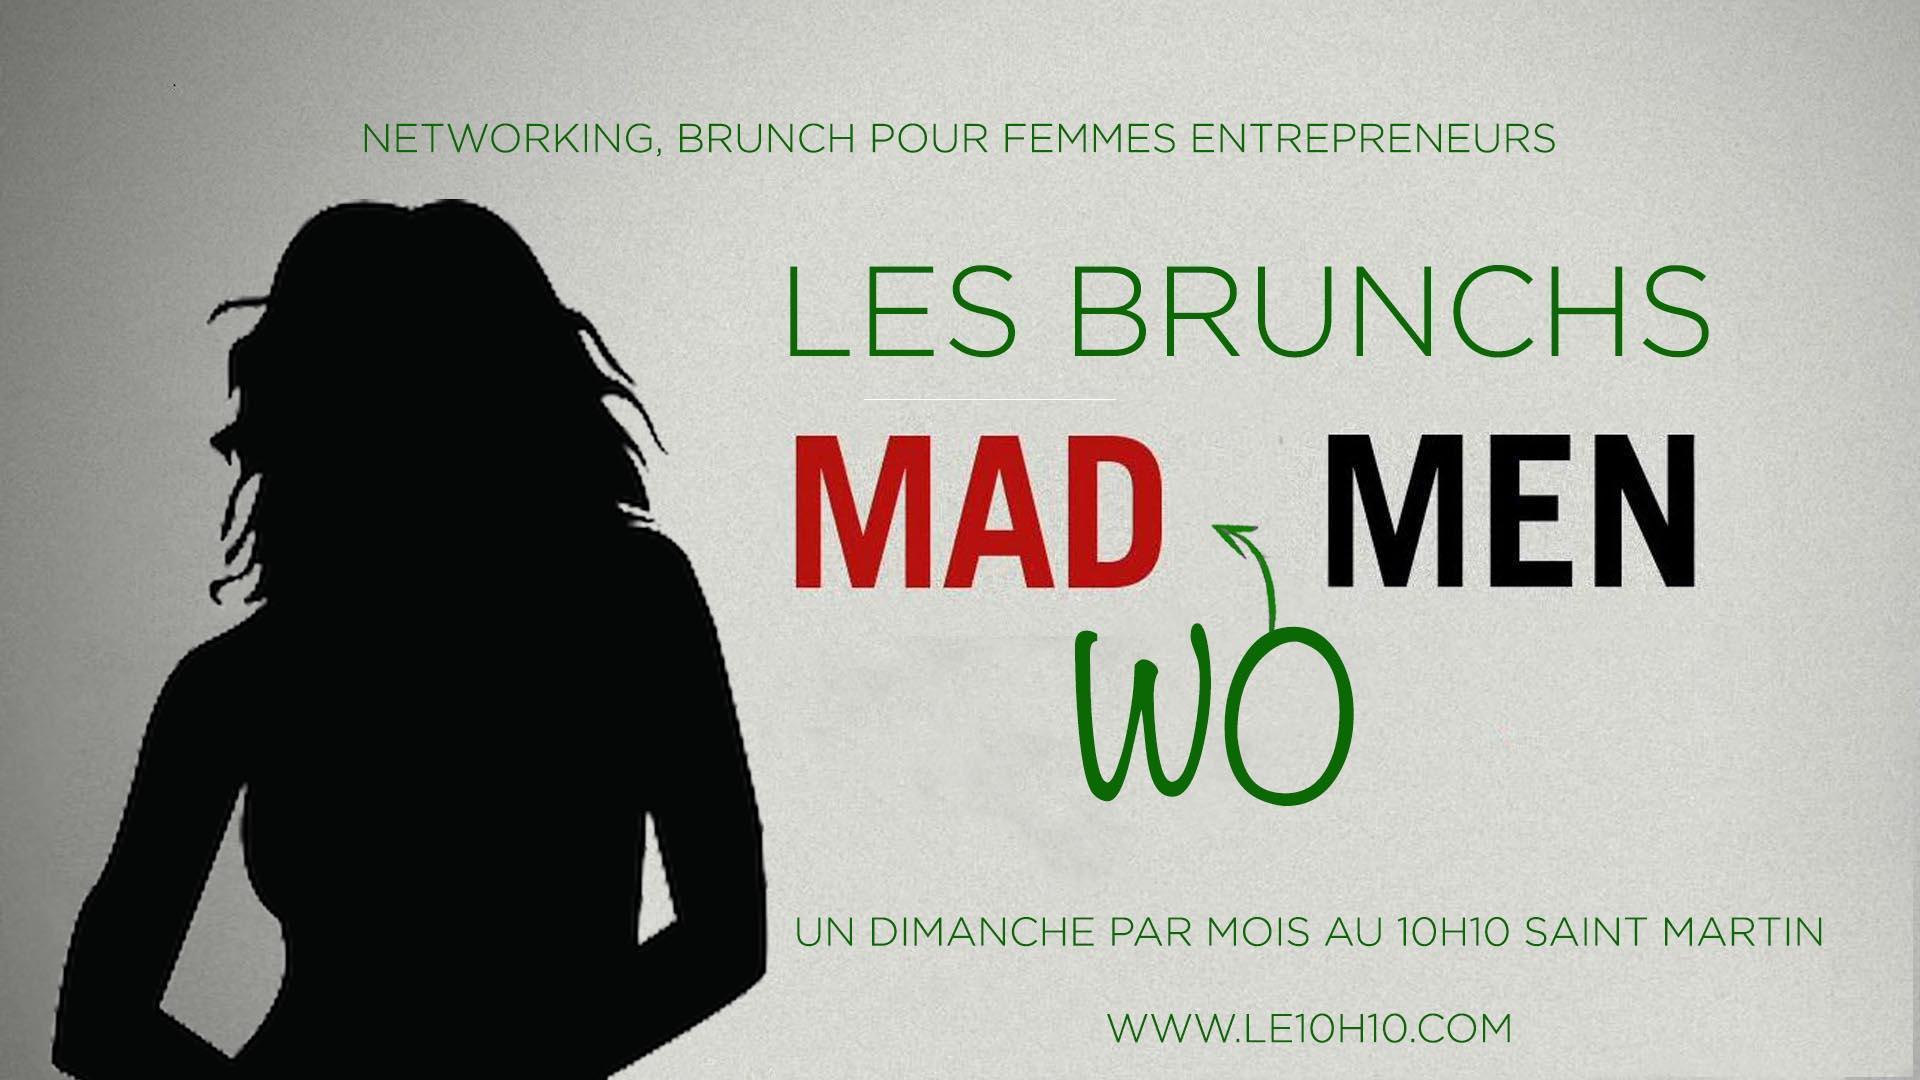 les brunchs madwomen (networking pour femmes entrepreneurs) - 18 fév